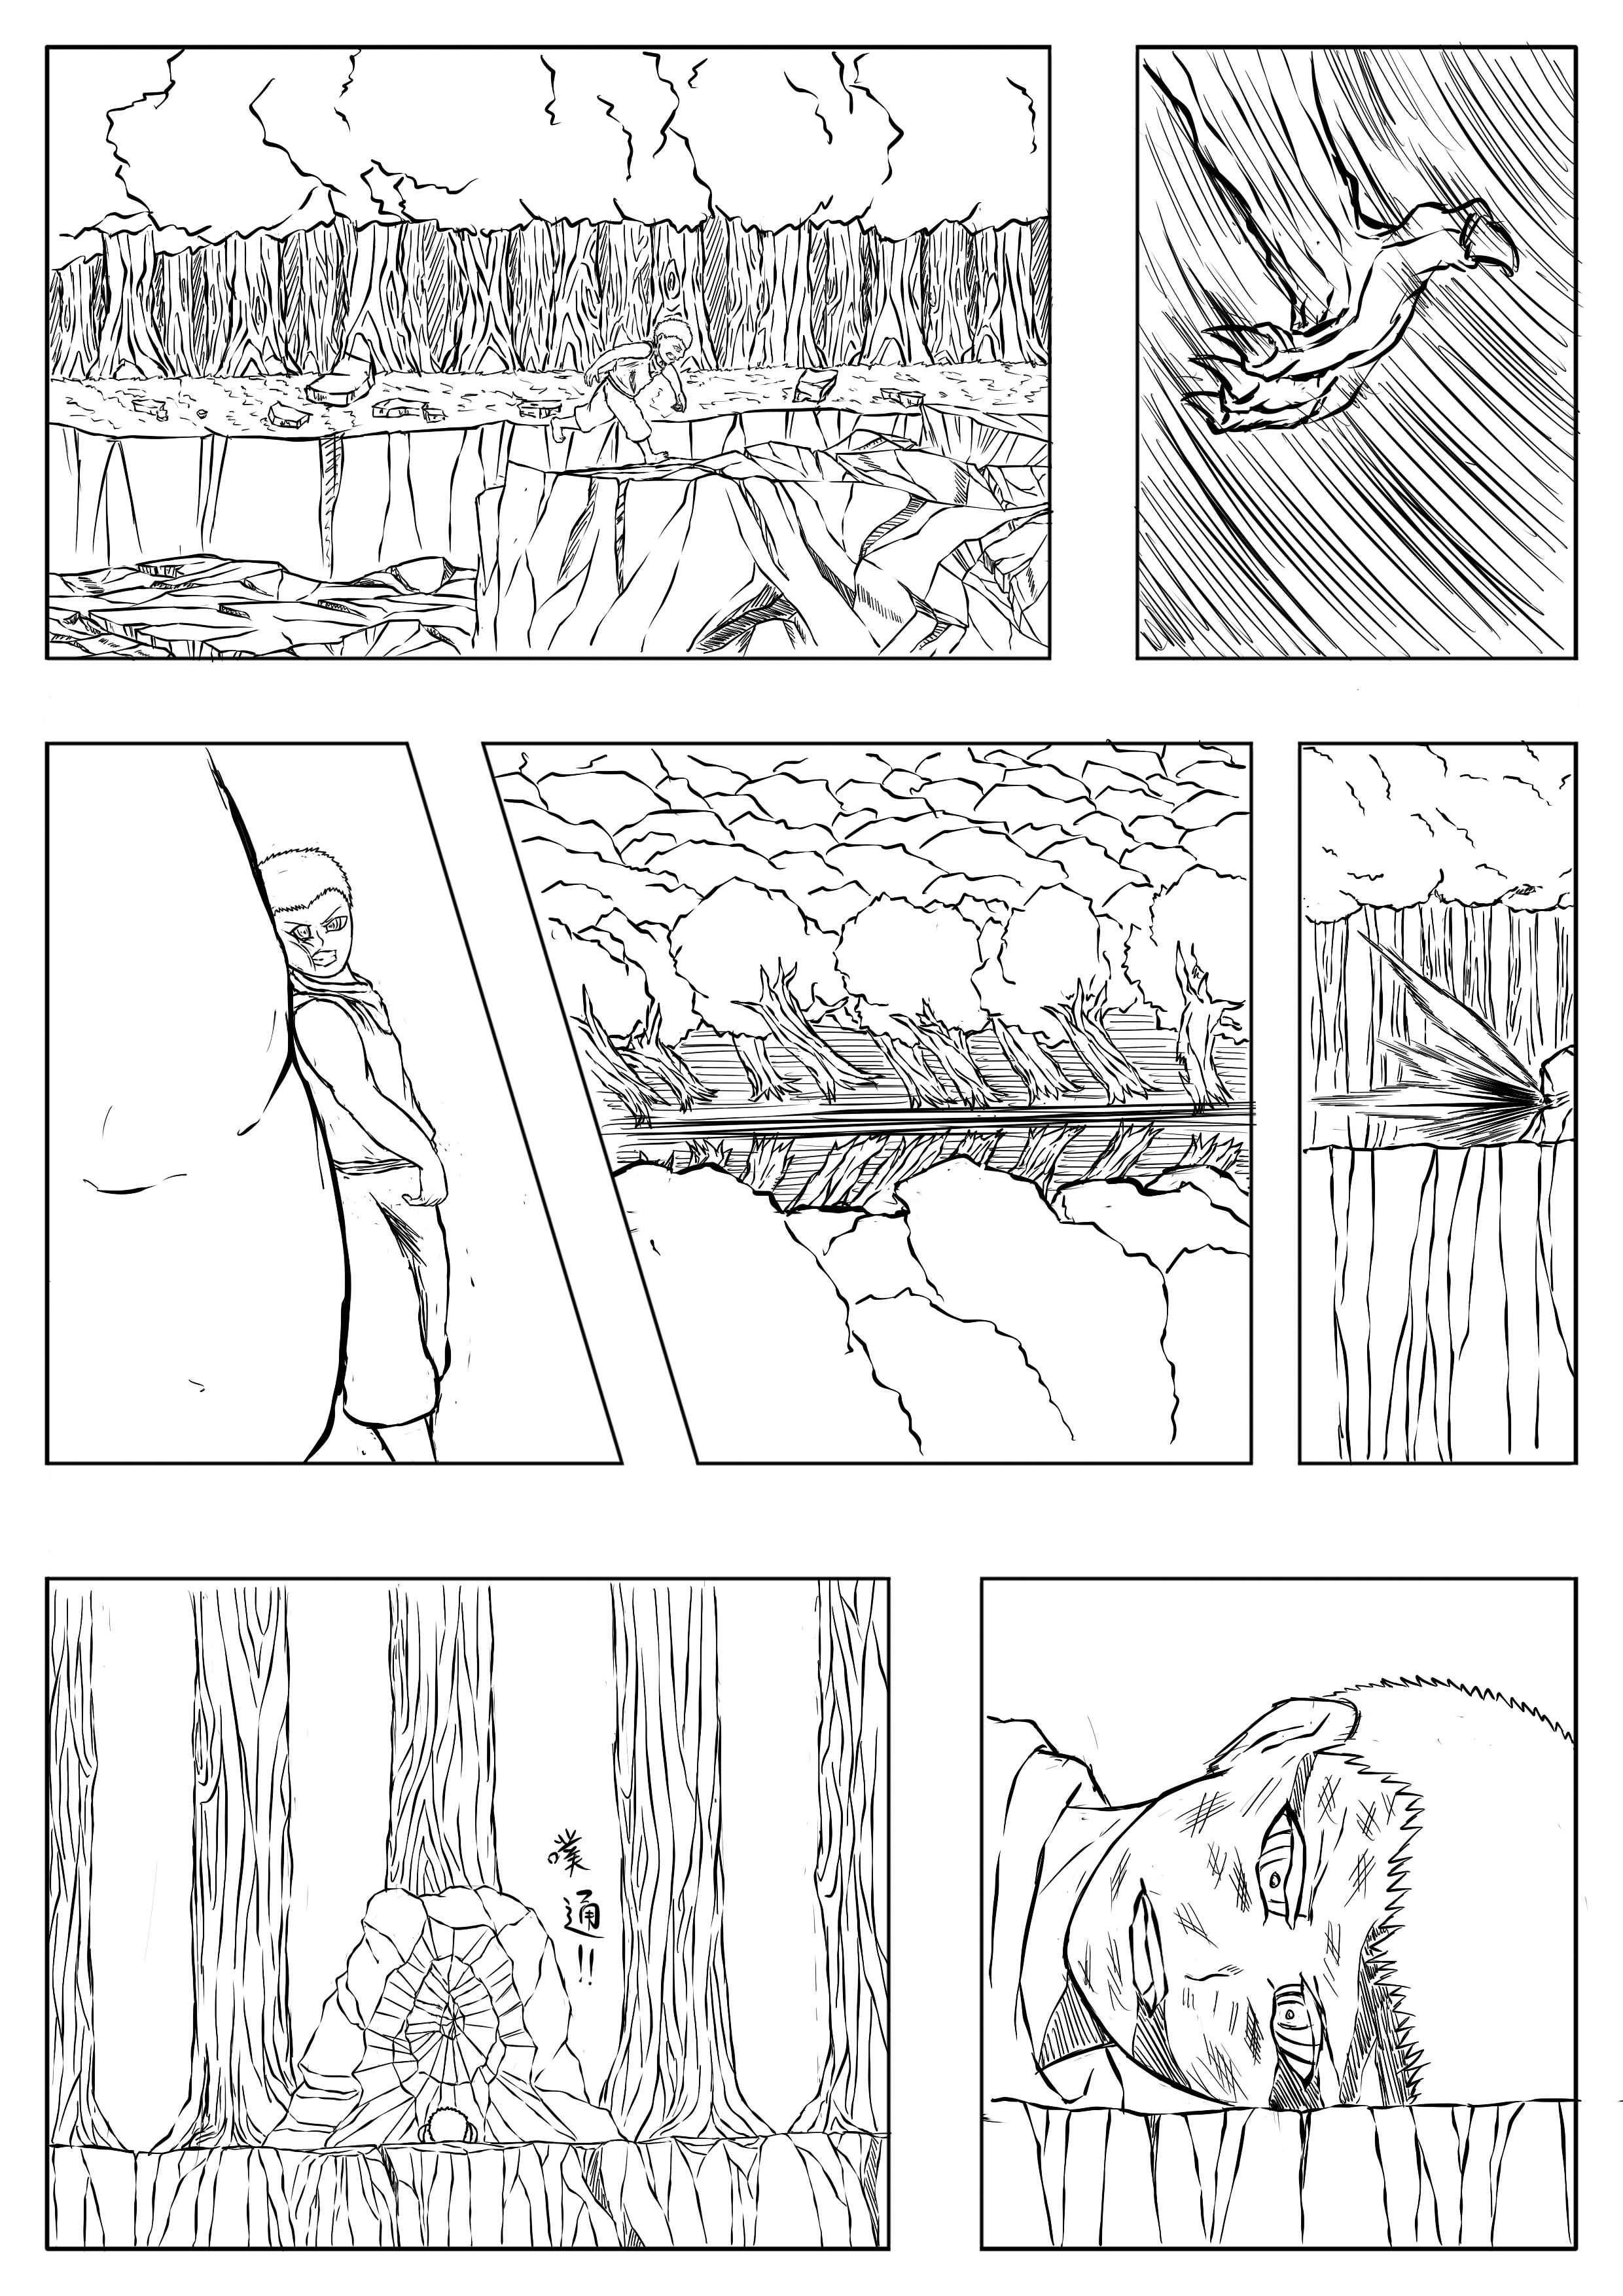 乐酷网_原创漫画分镜 动漫 中/长篇漫画 刘嘉乐 - 原创作品 - 站酷 (ZCOOL)